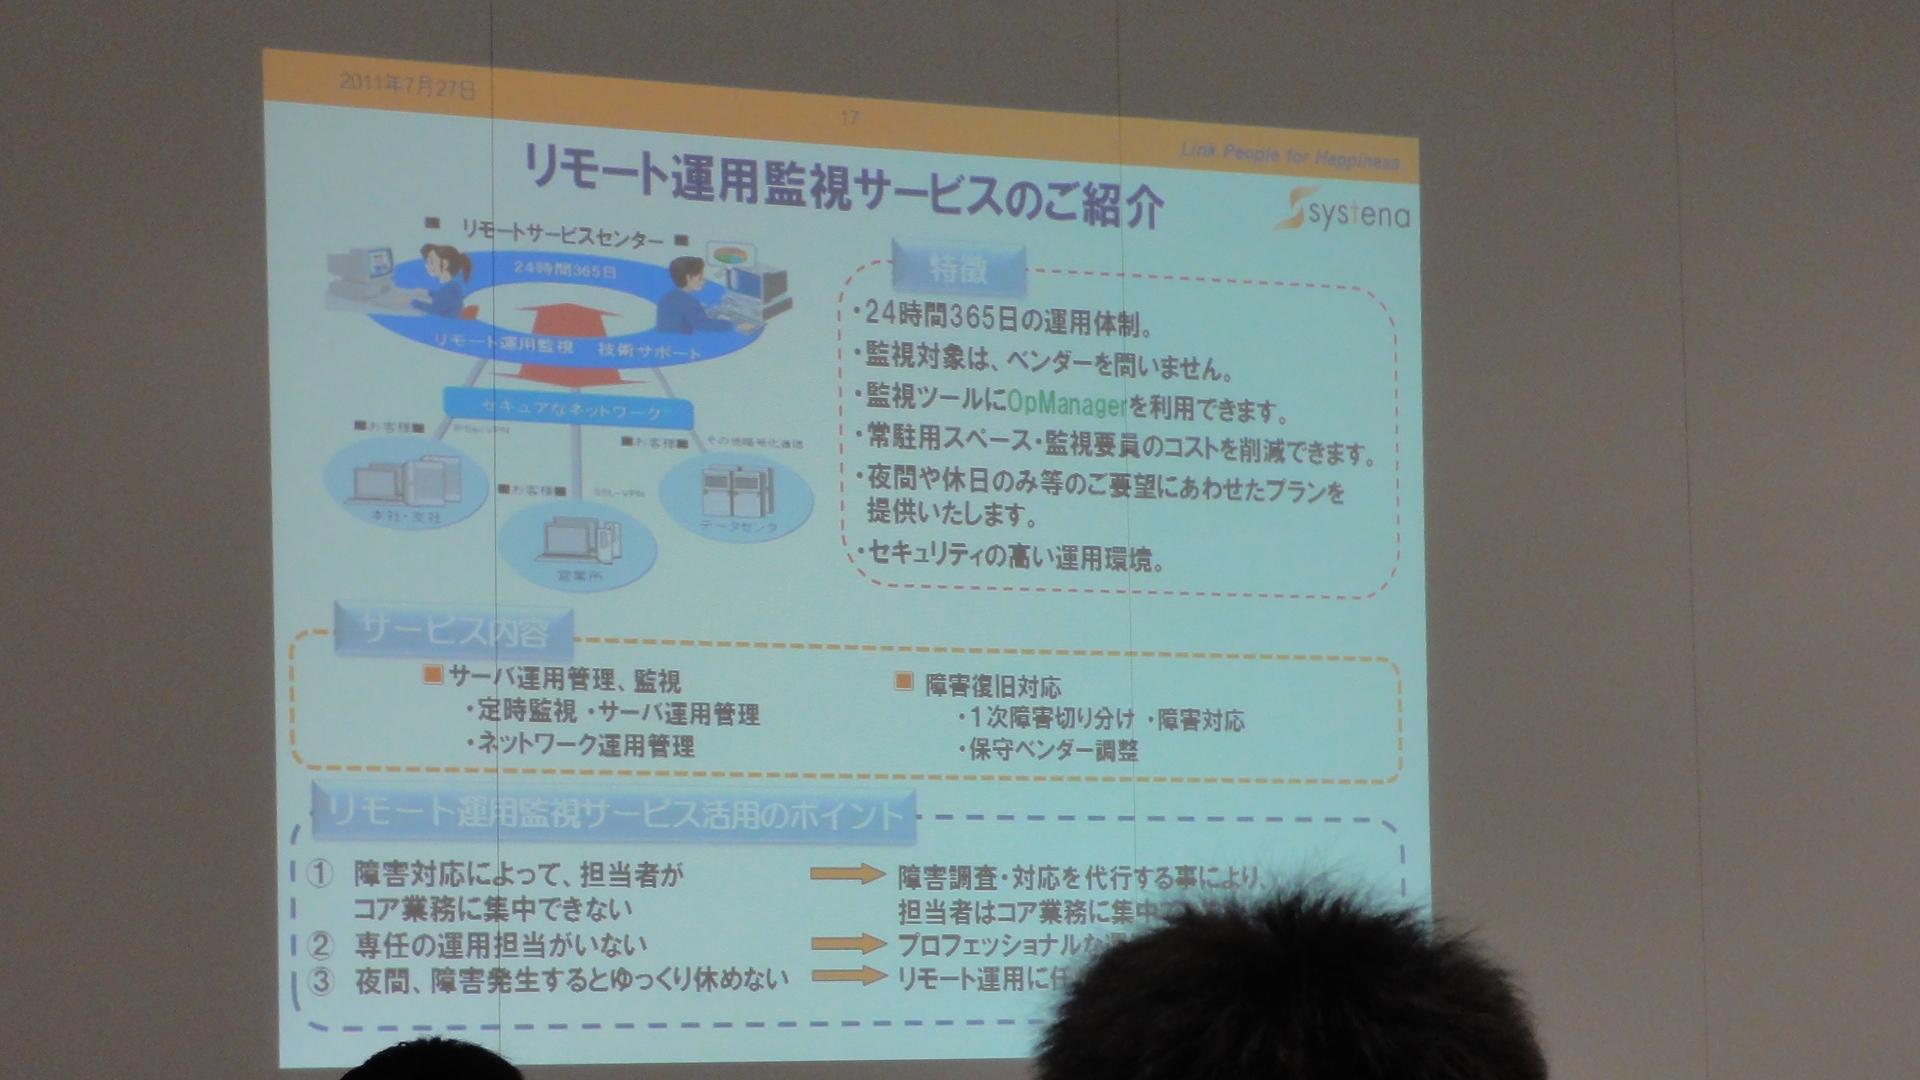 システナリモート運用監視サービスの紹介スライド